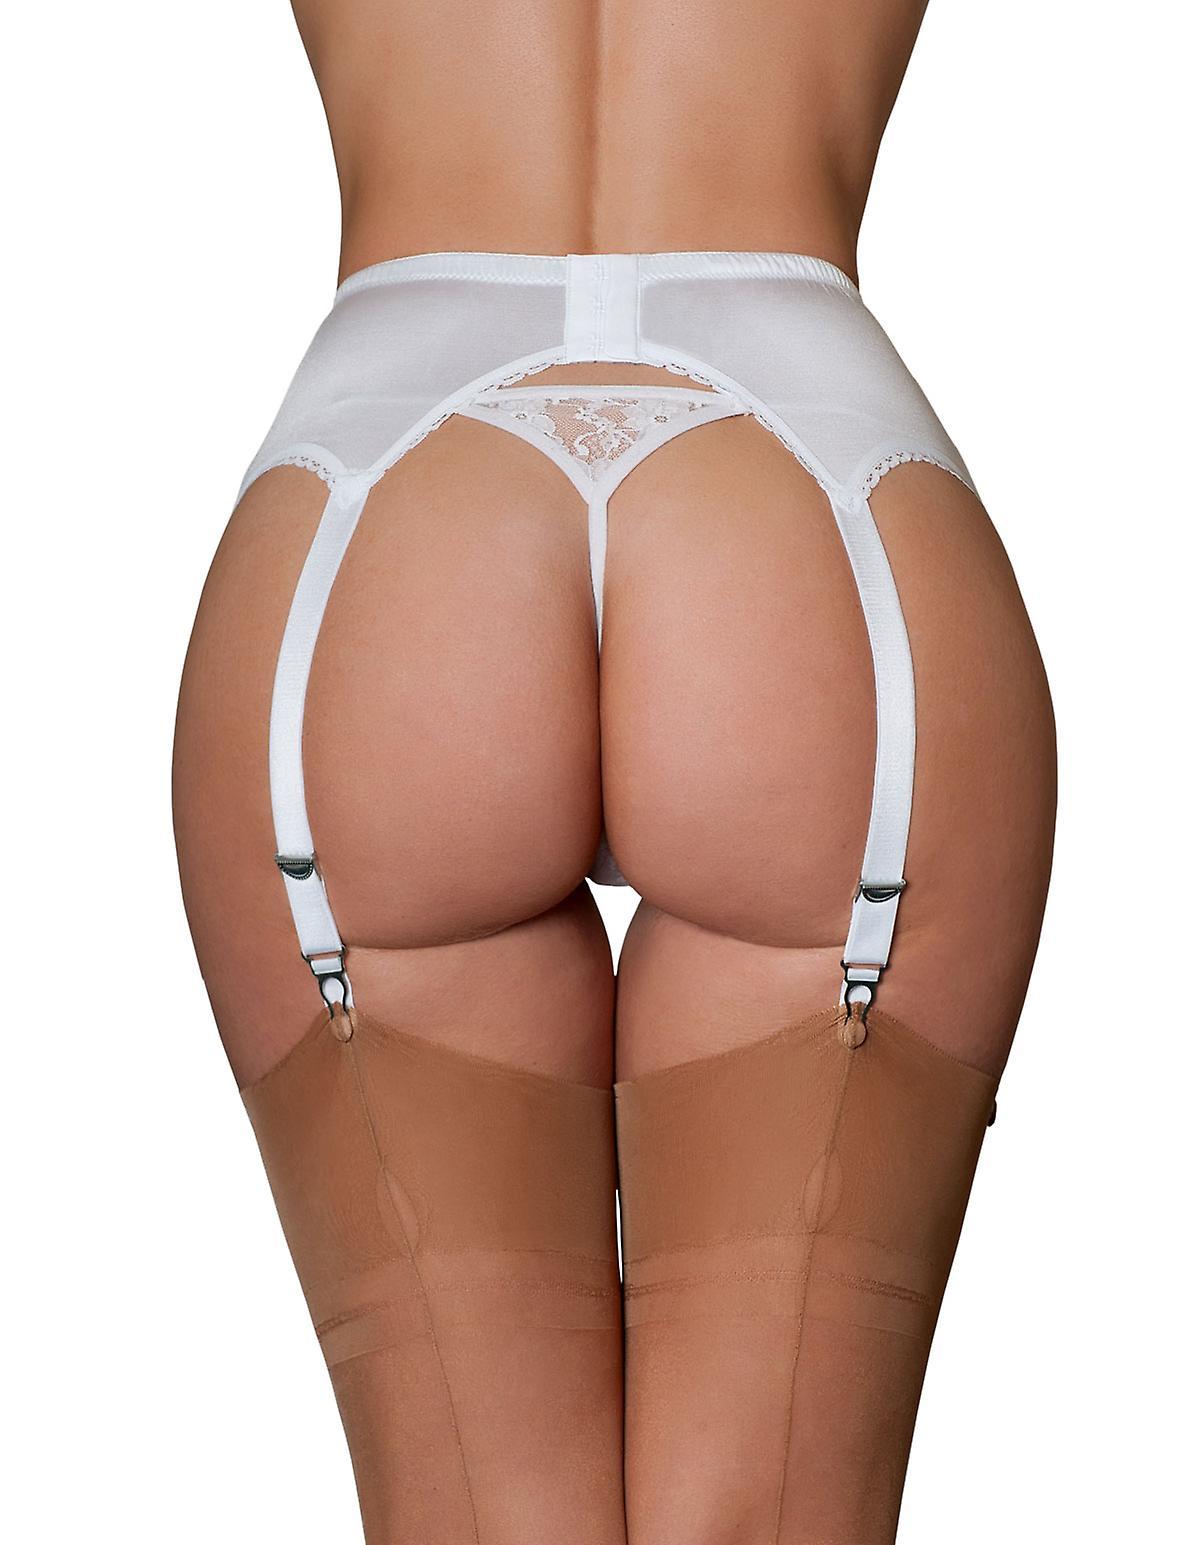 Nylon Dreams NDL7 Women's Black & White Garter Belt 6 Strap Suspender Belt